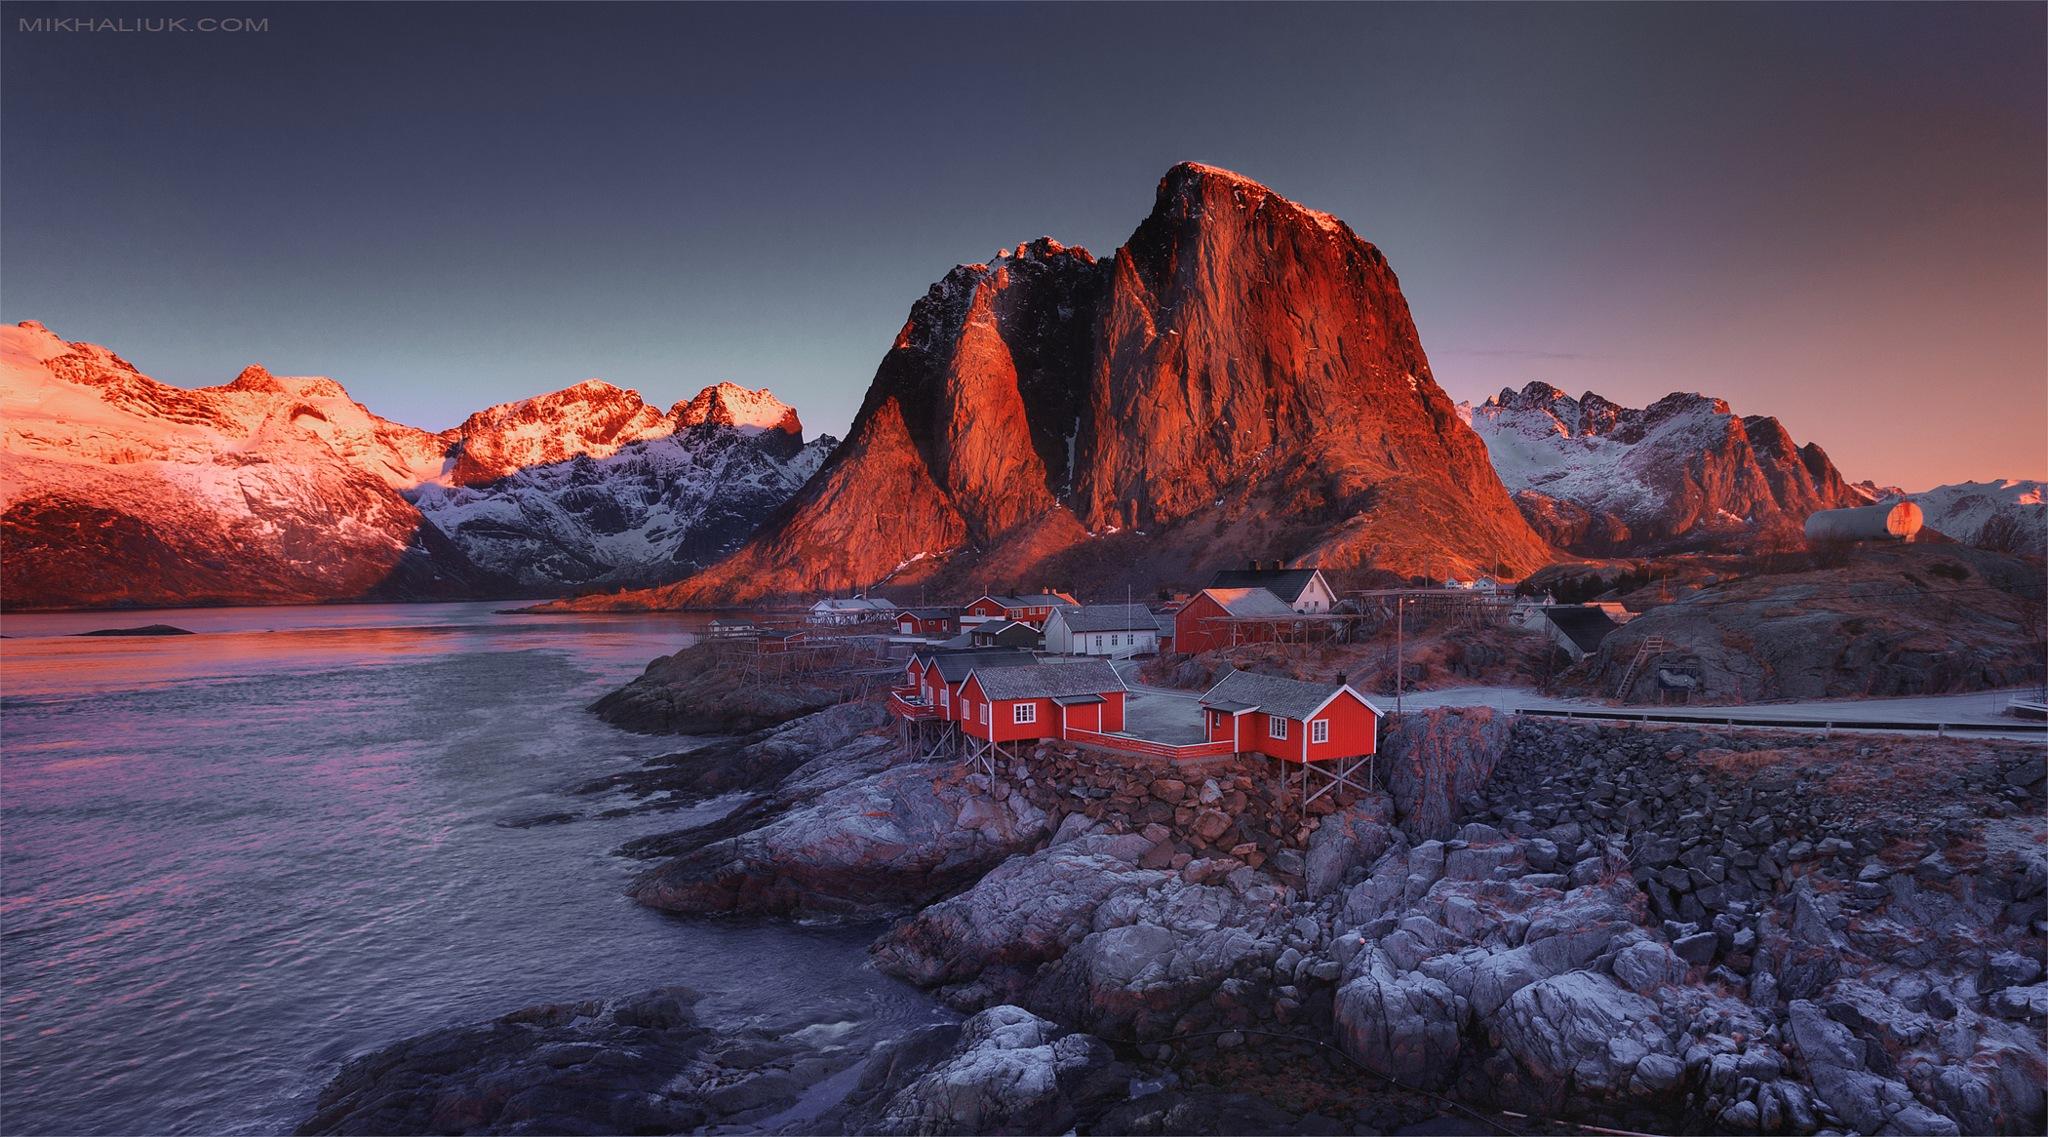 photo tuur. Norway by Siarhei Mikhaliuk